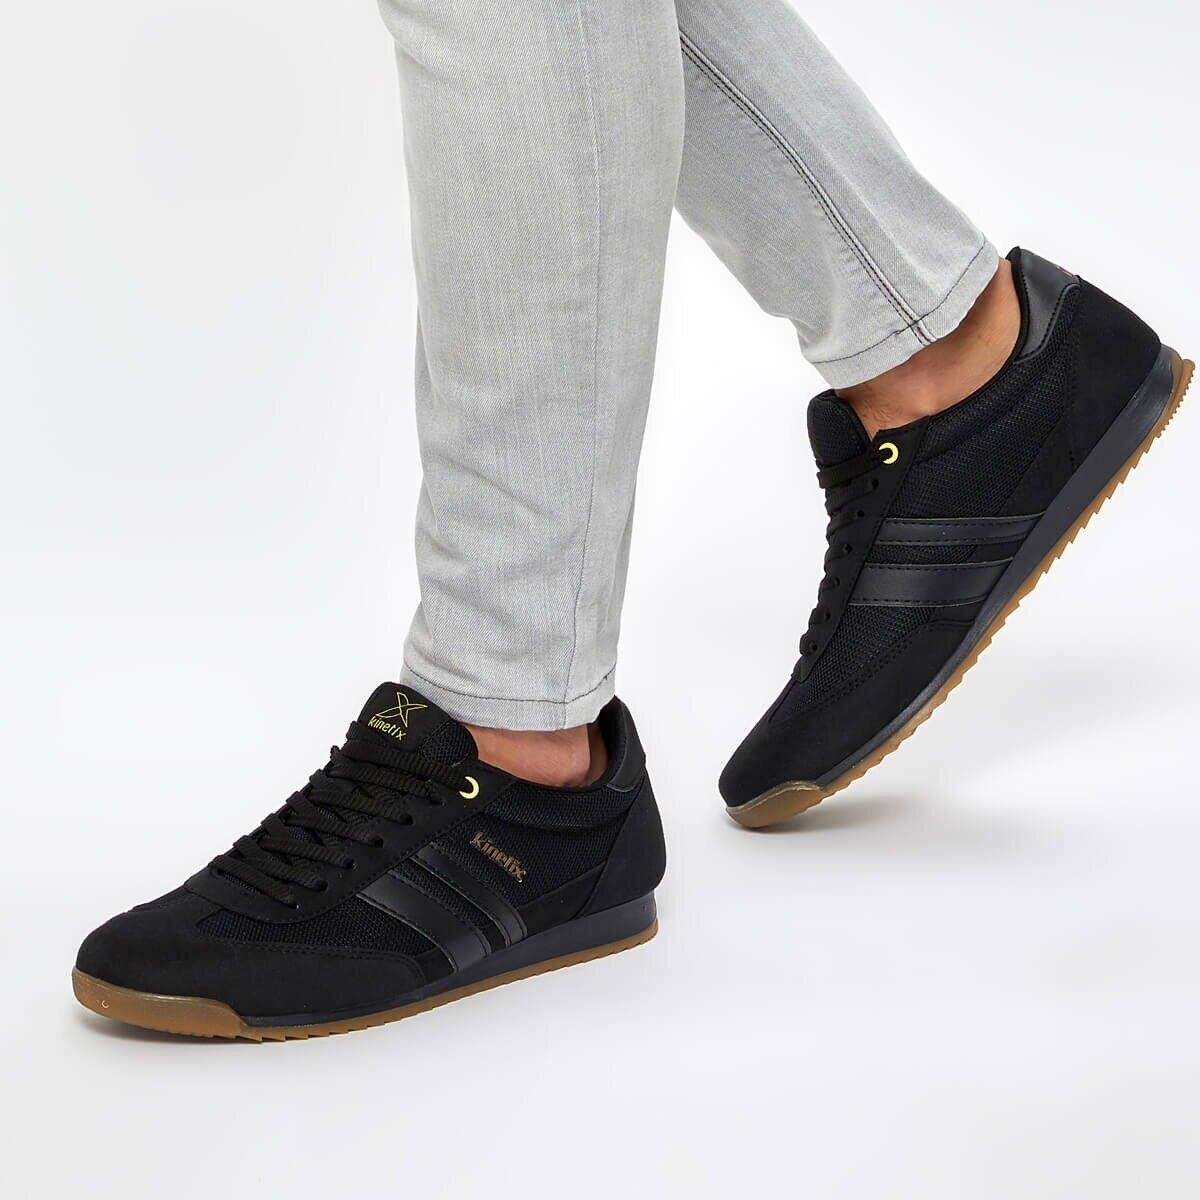 FLO الرجال أحذية رياضية خفيفة الوزن تنفس Zapatillas رجل حذاء كاجوال زوجين الأحذية للجنسين Zapatos Hombre مريحة الرجال أحذية رياضية أحذية رياضية